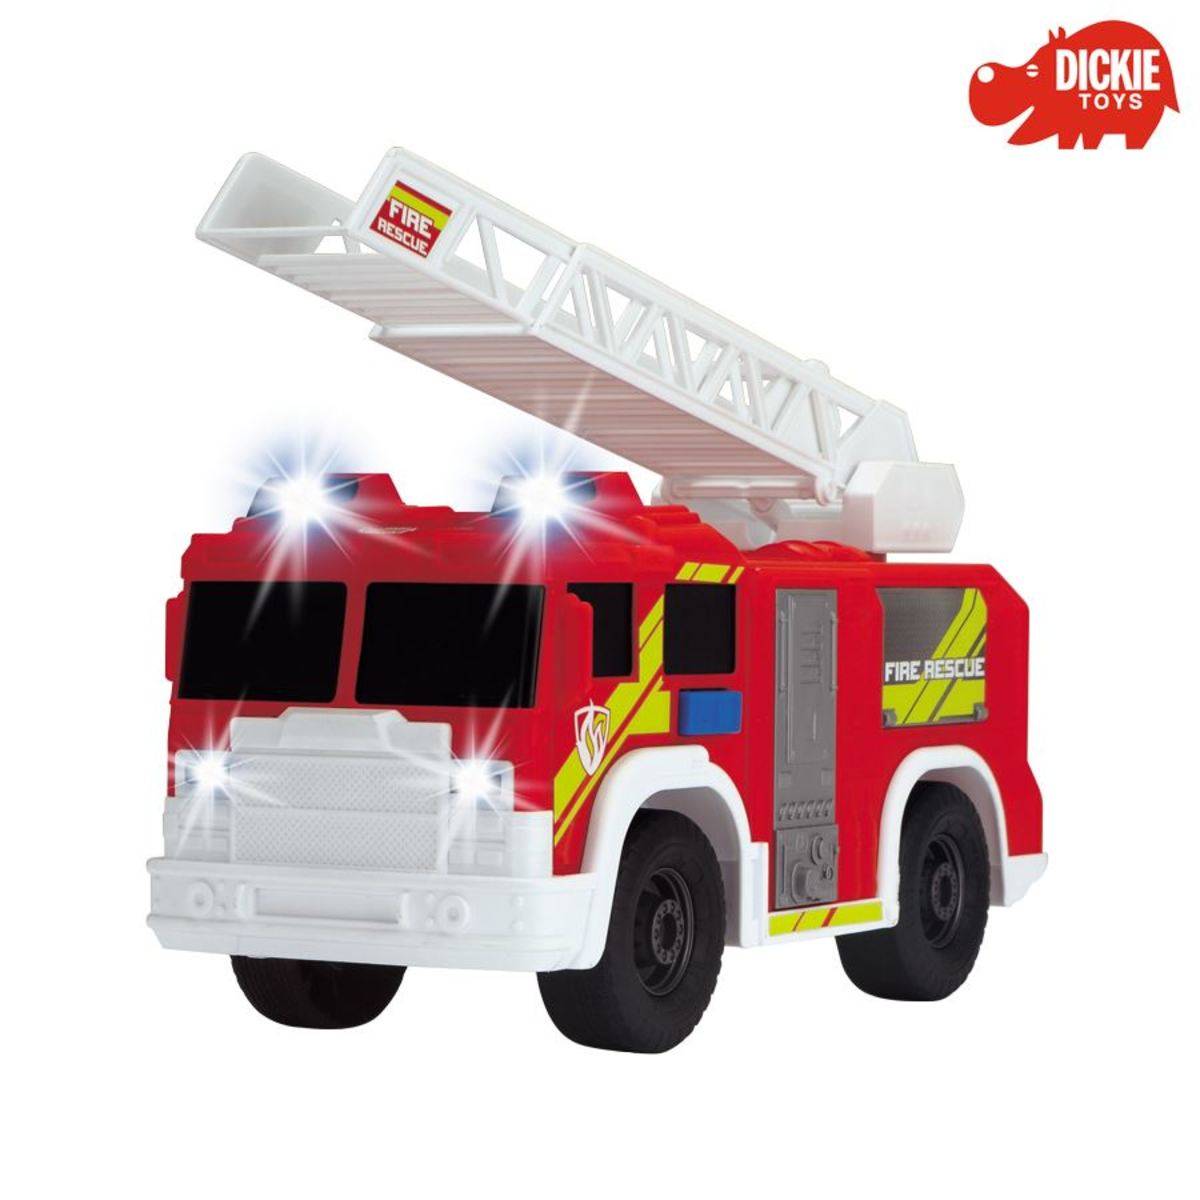 Bild 1 von Dickie Toys Feuerwehrauto Fire Rescue Unit